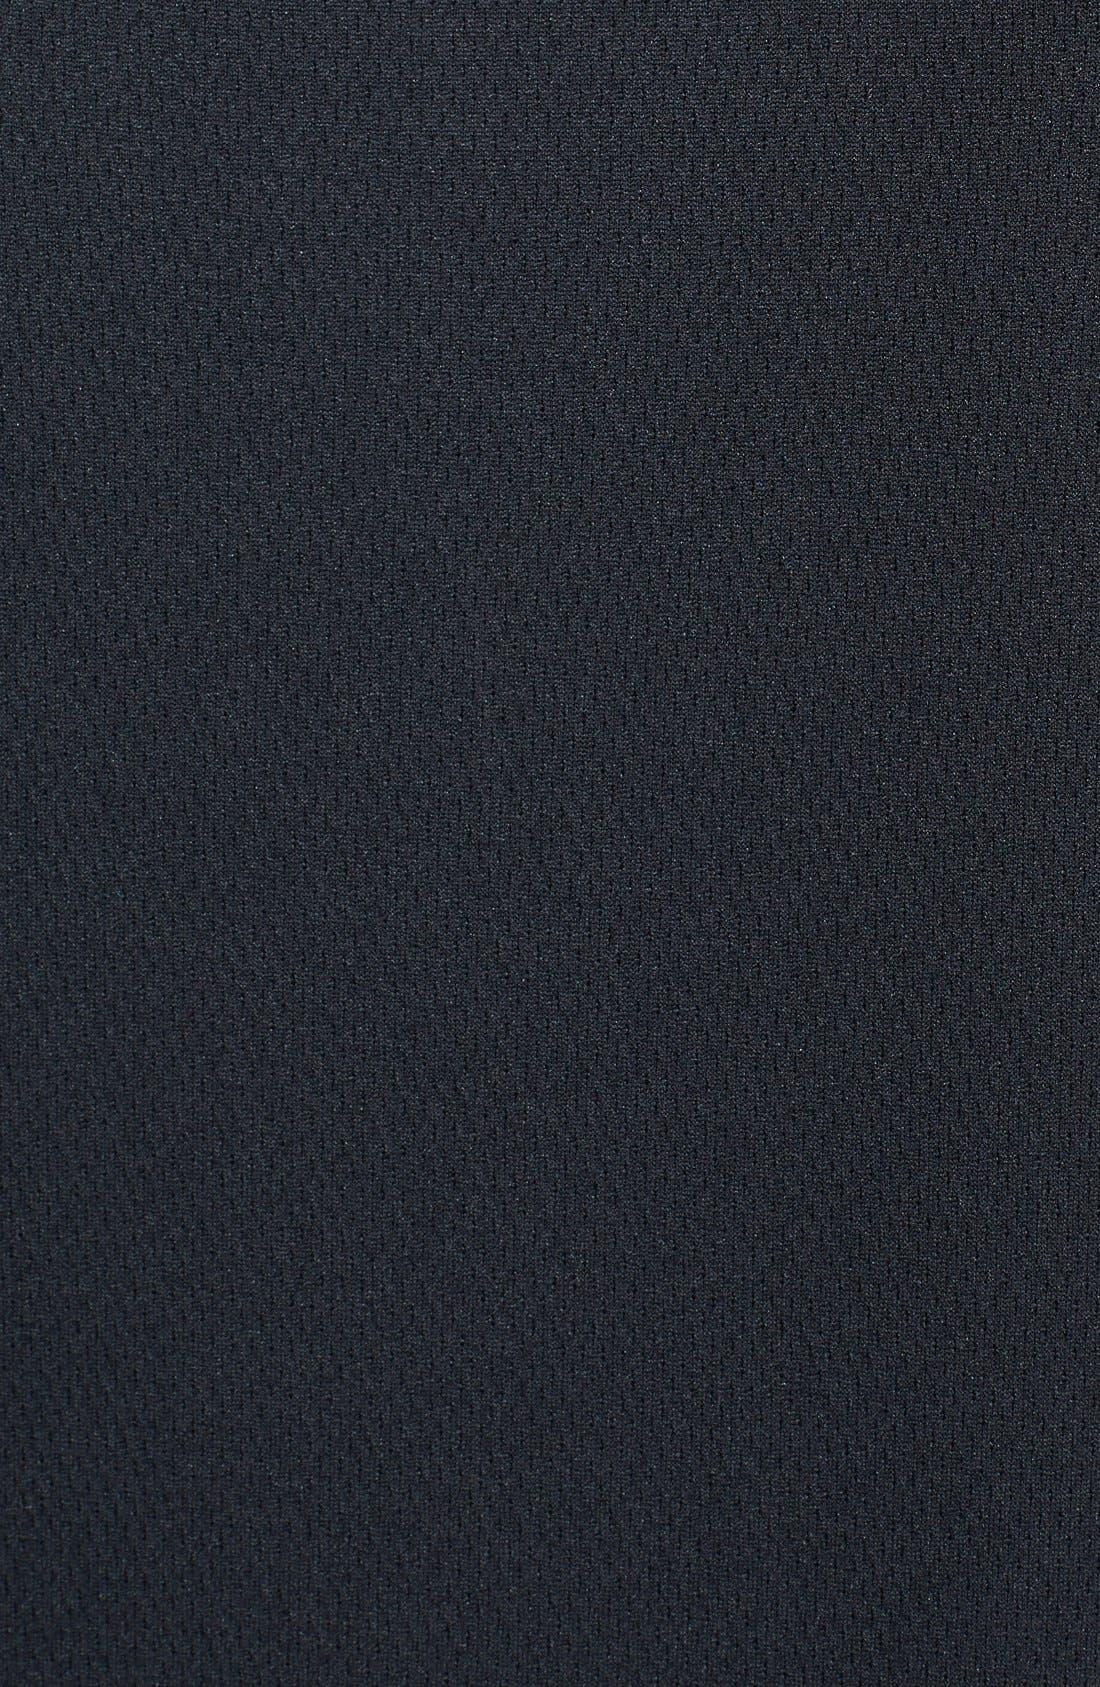 New York Jets - Edge DryTec Moisture Wicking Half Zip Pullover,                             Alternate thumbnail 3, color,                             001